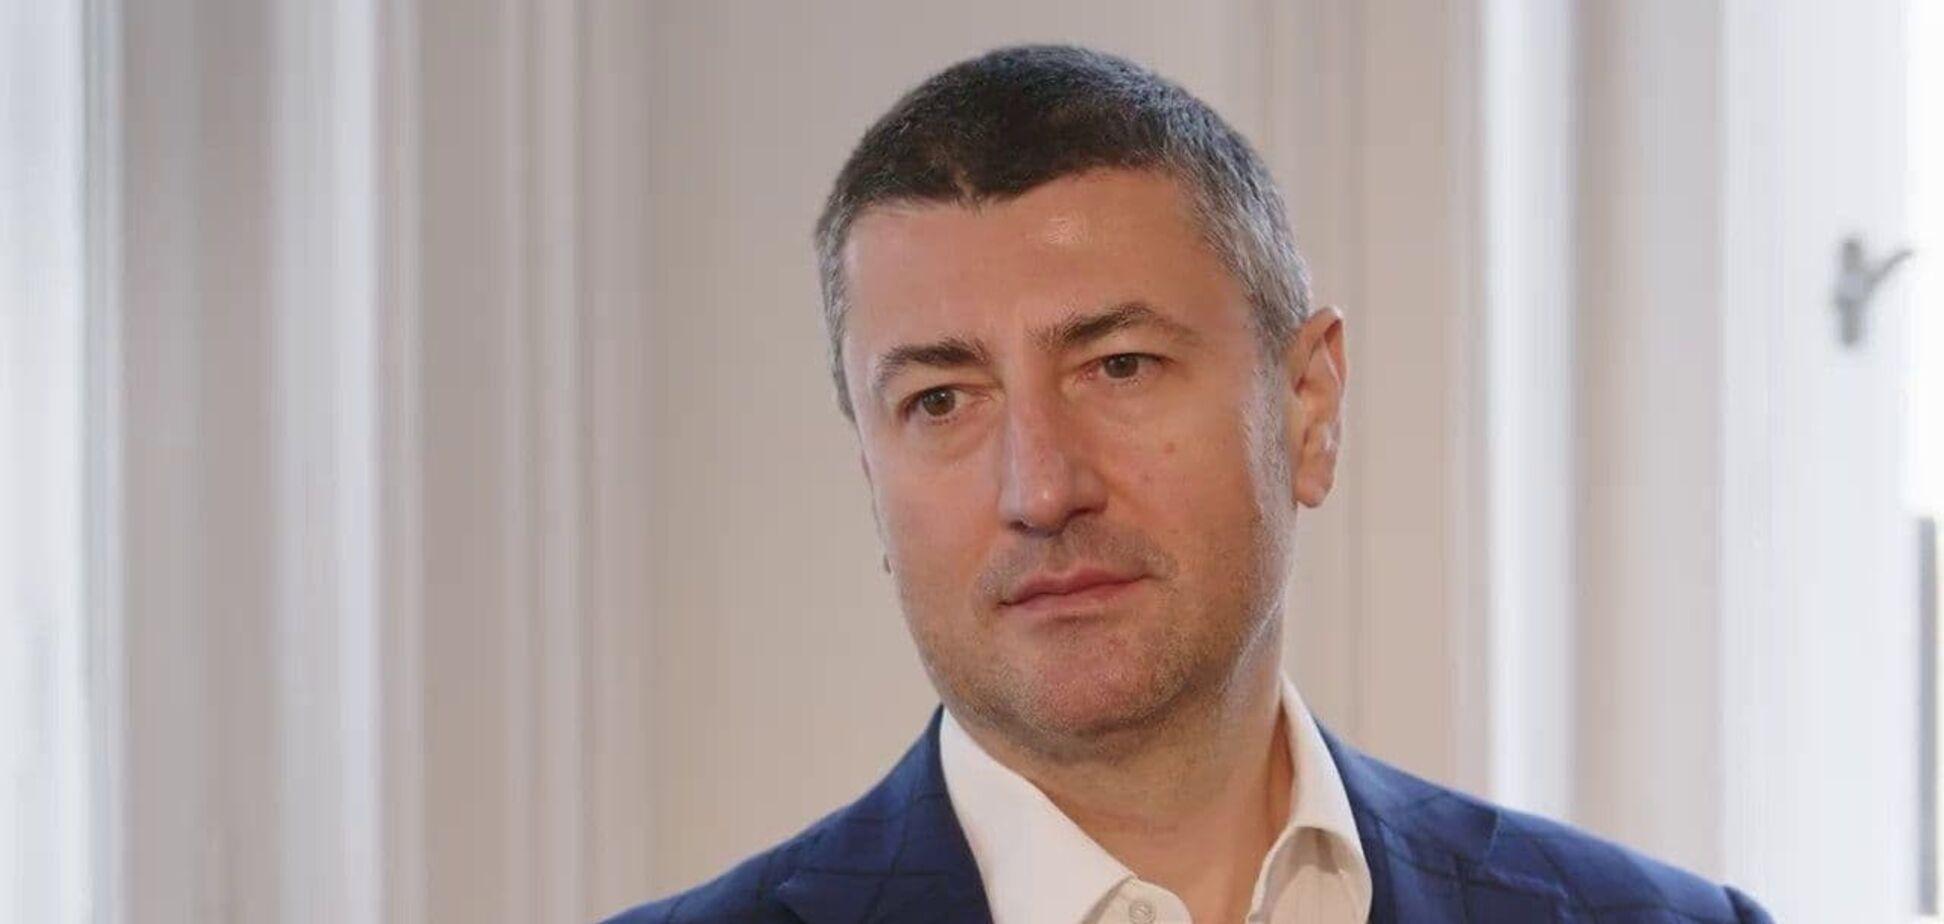 Бахматюк обратился к президенту Зеленскому по поводу уничтожения его компании